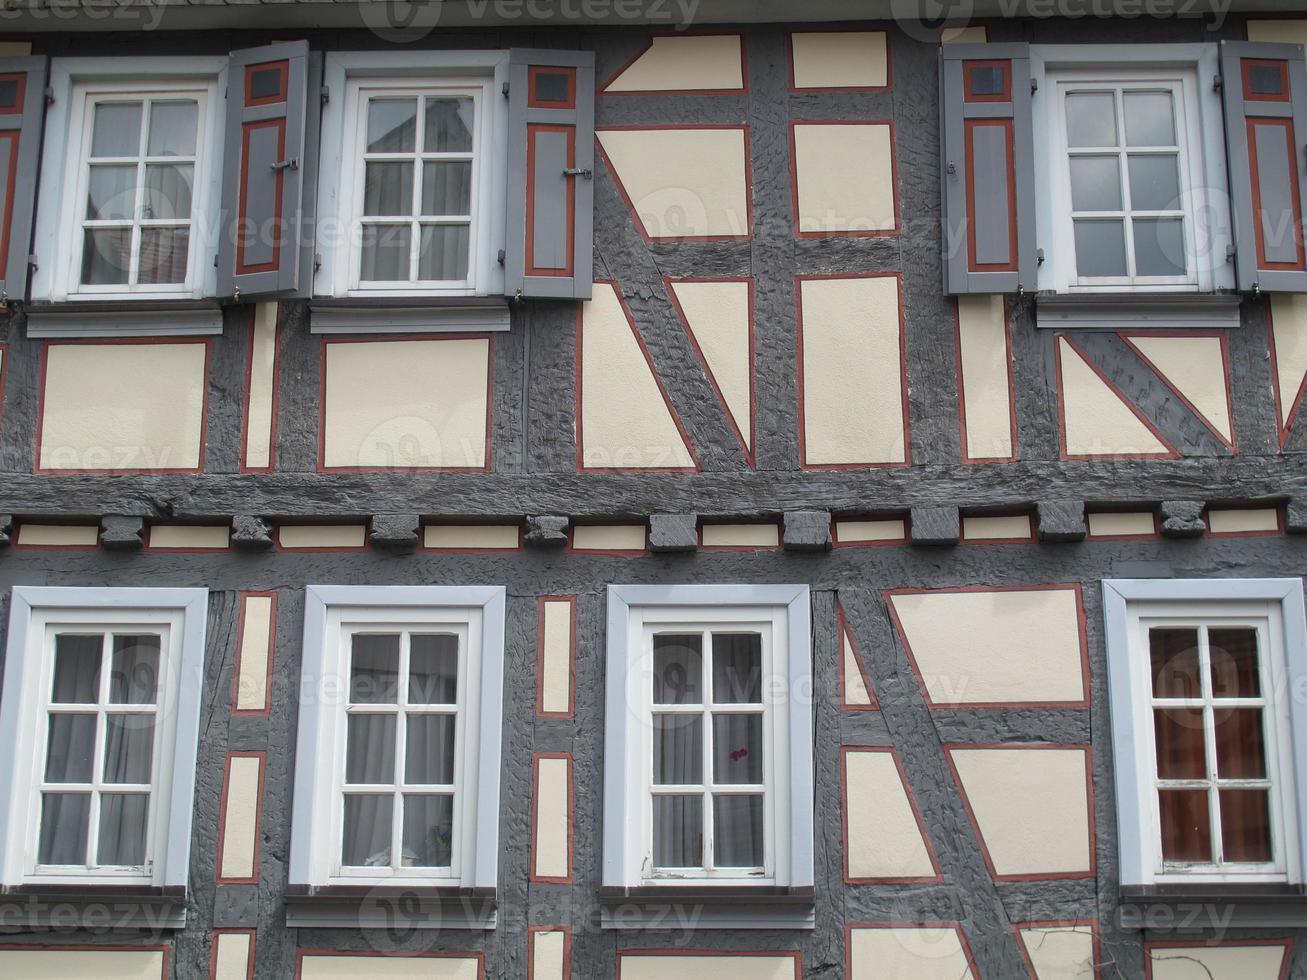 Ancienne maison à colombages en Allemagne photo